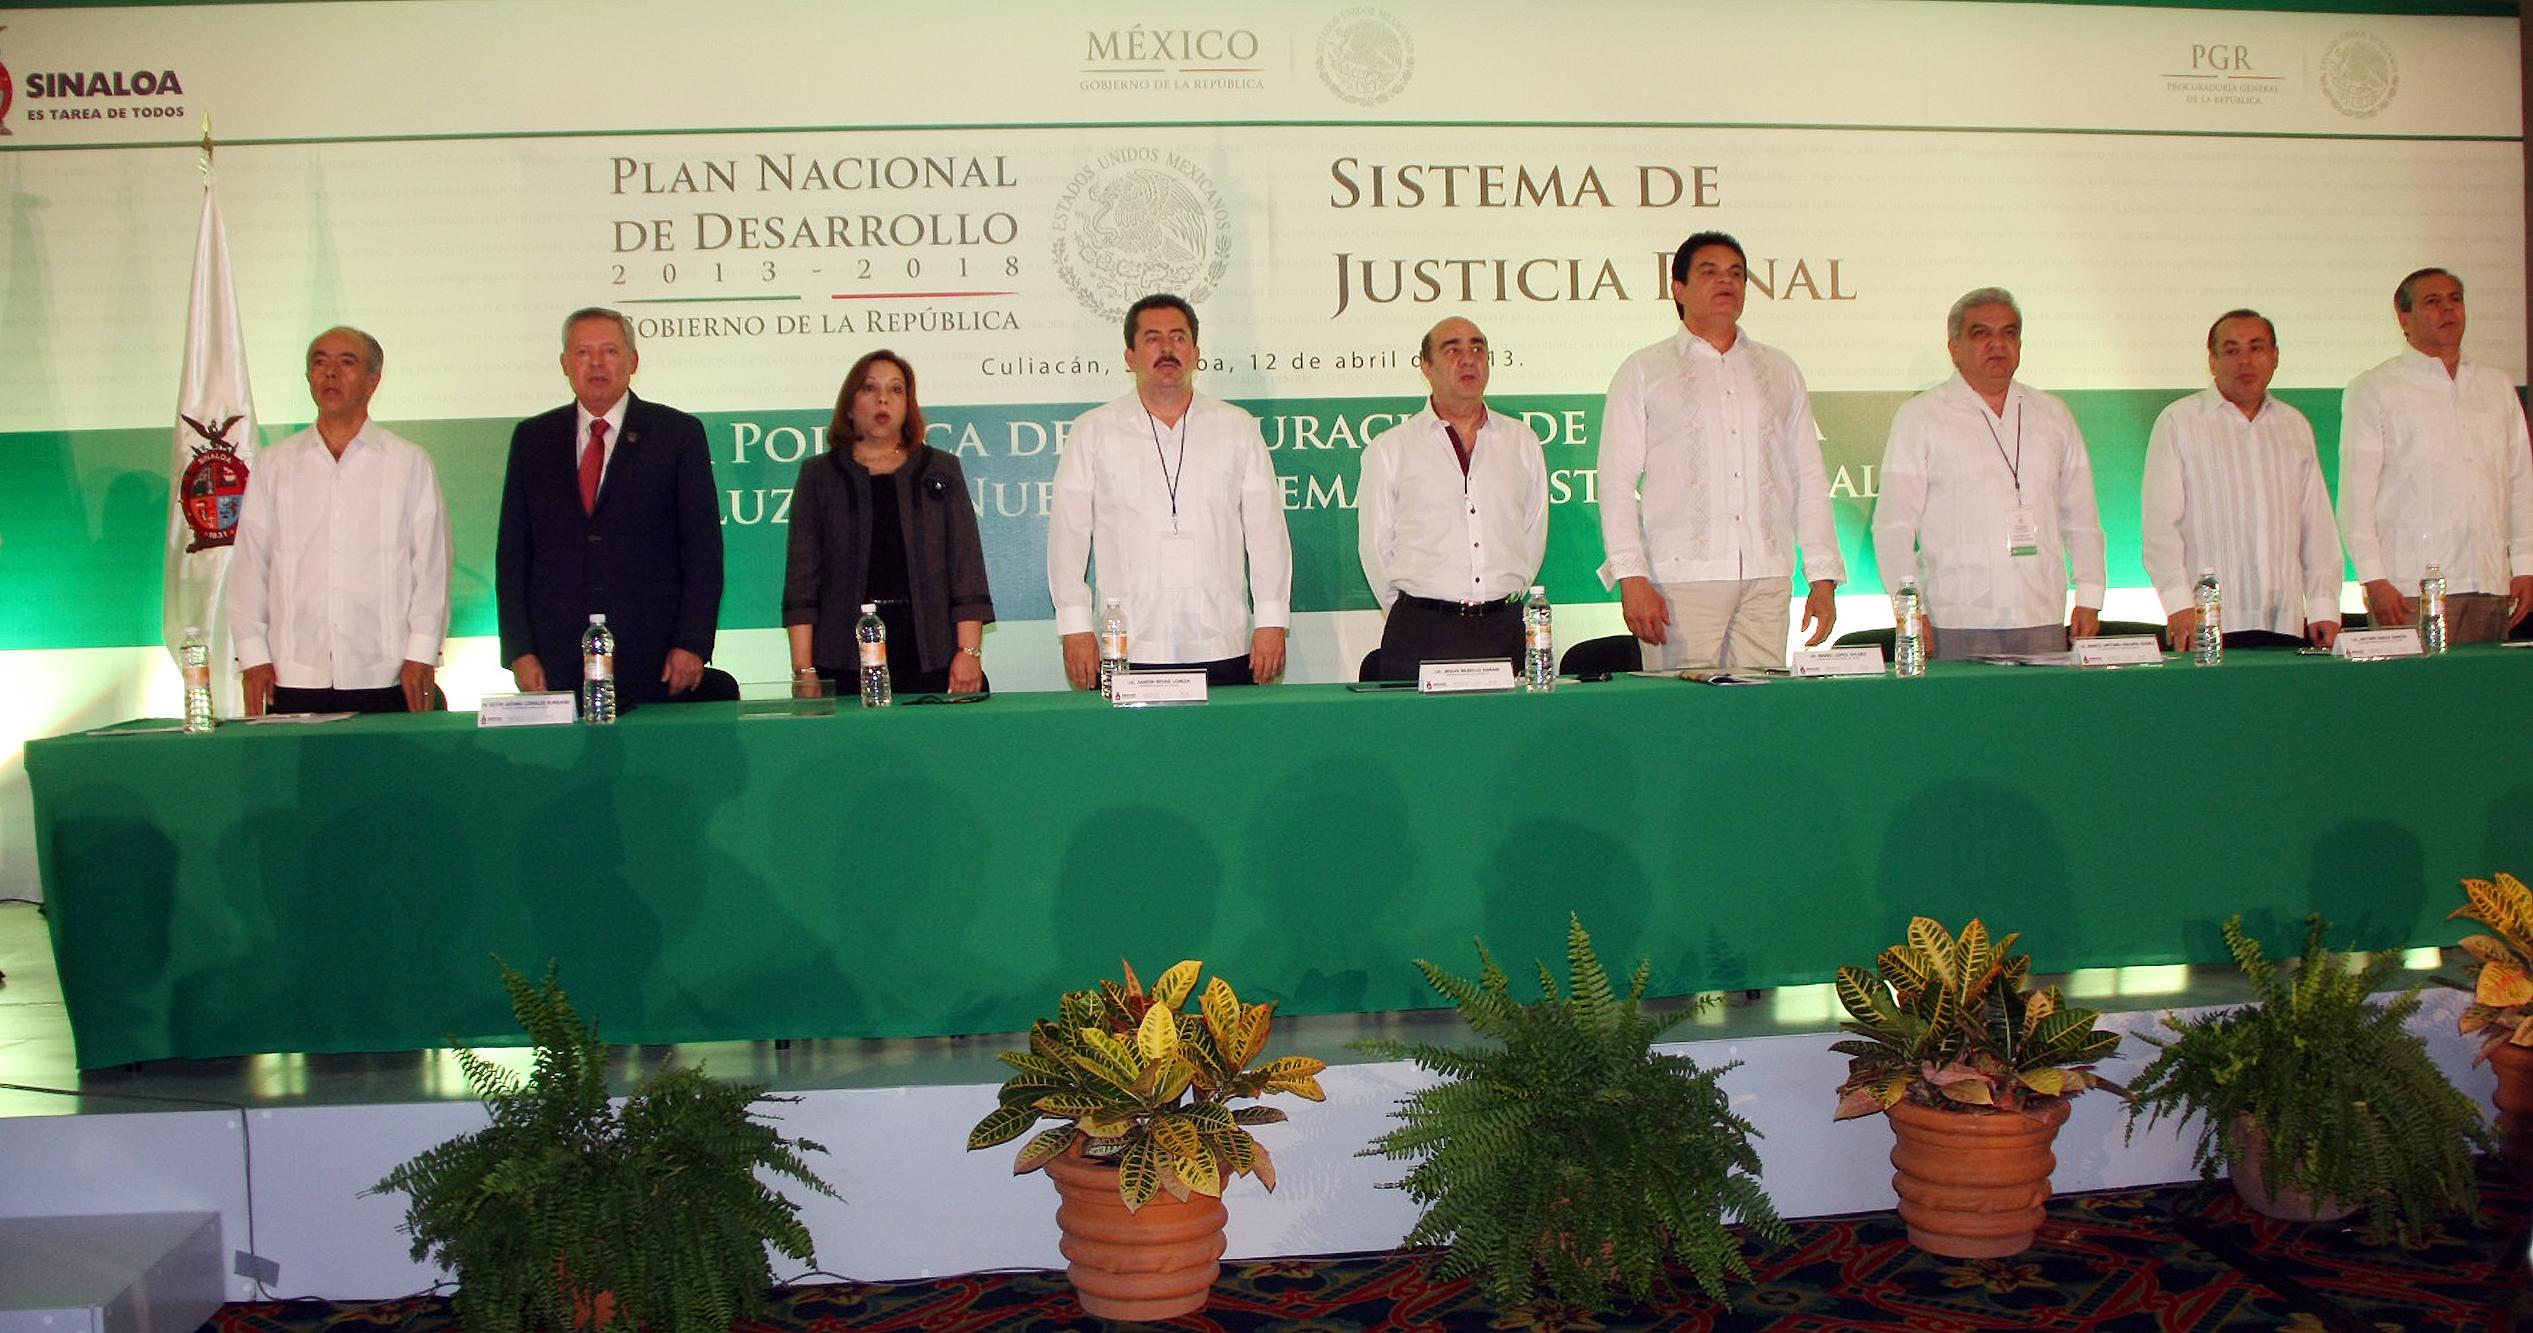 Diseñamos un sistema de justicia penal para un México en paz: Murillo Karam